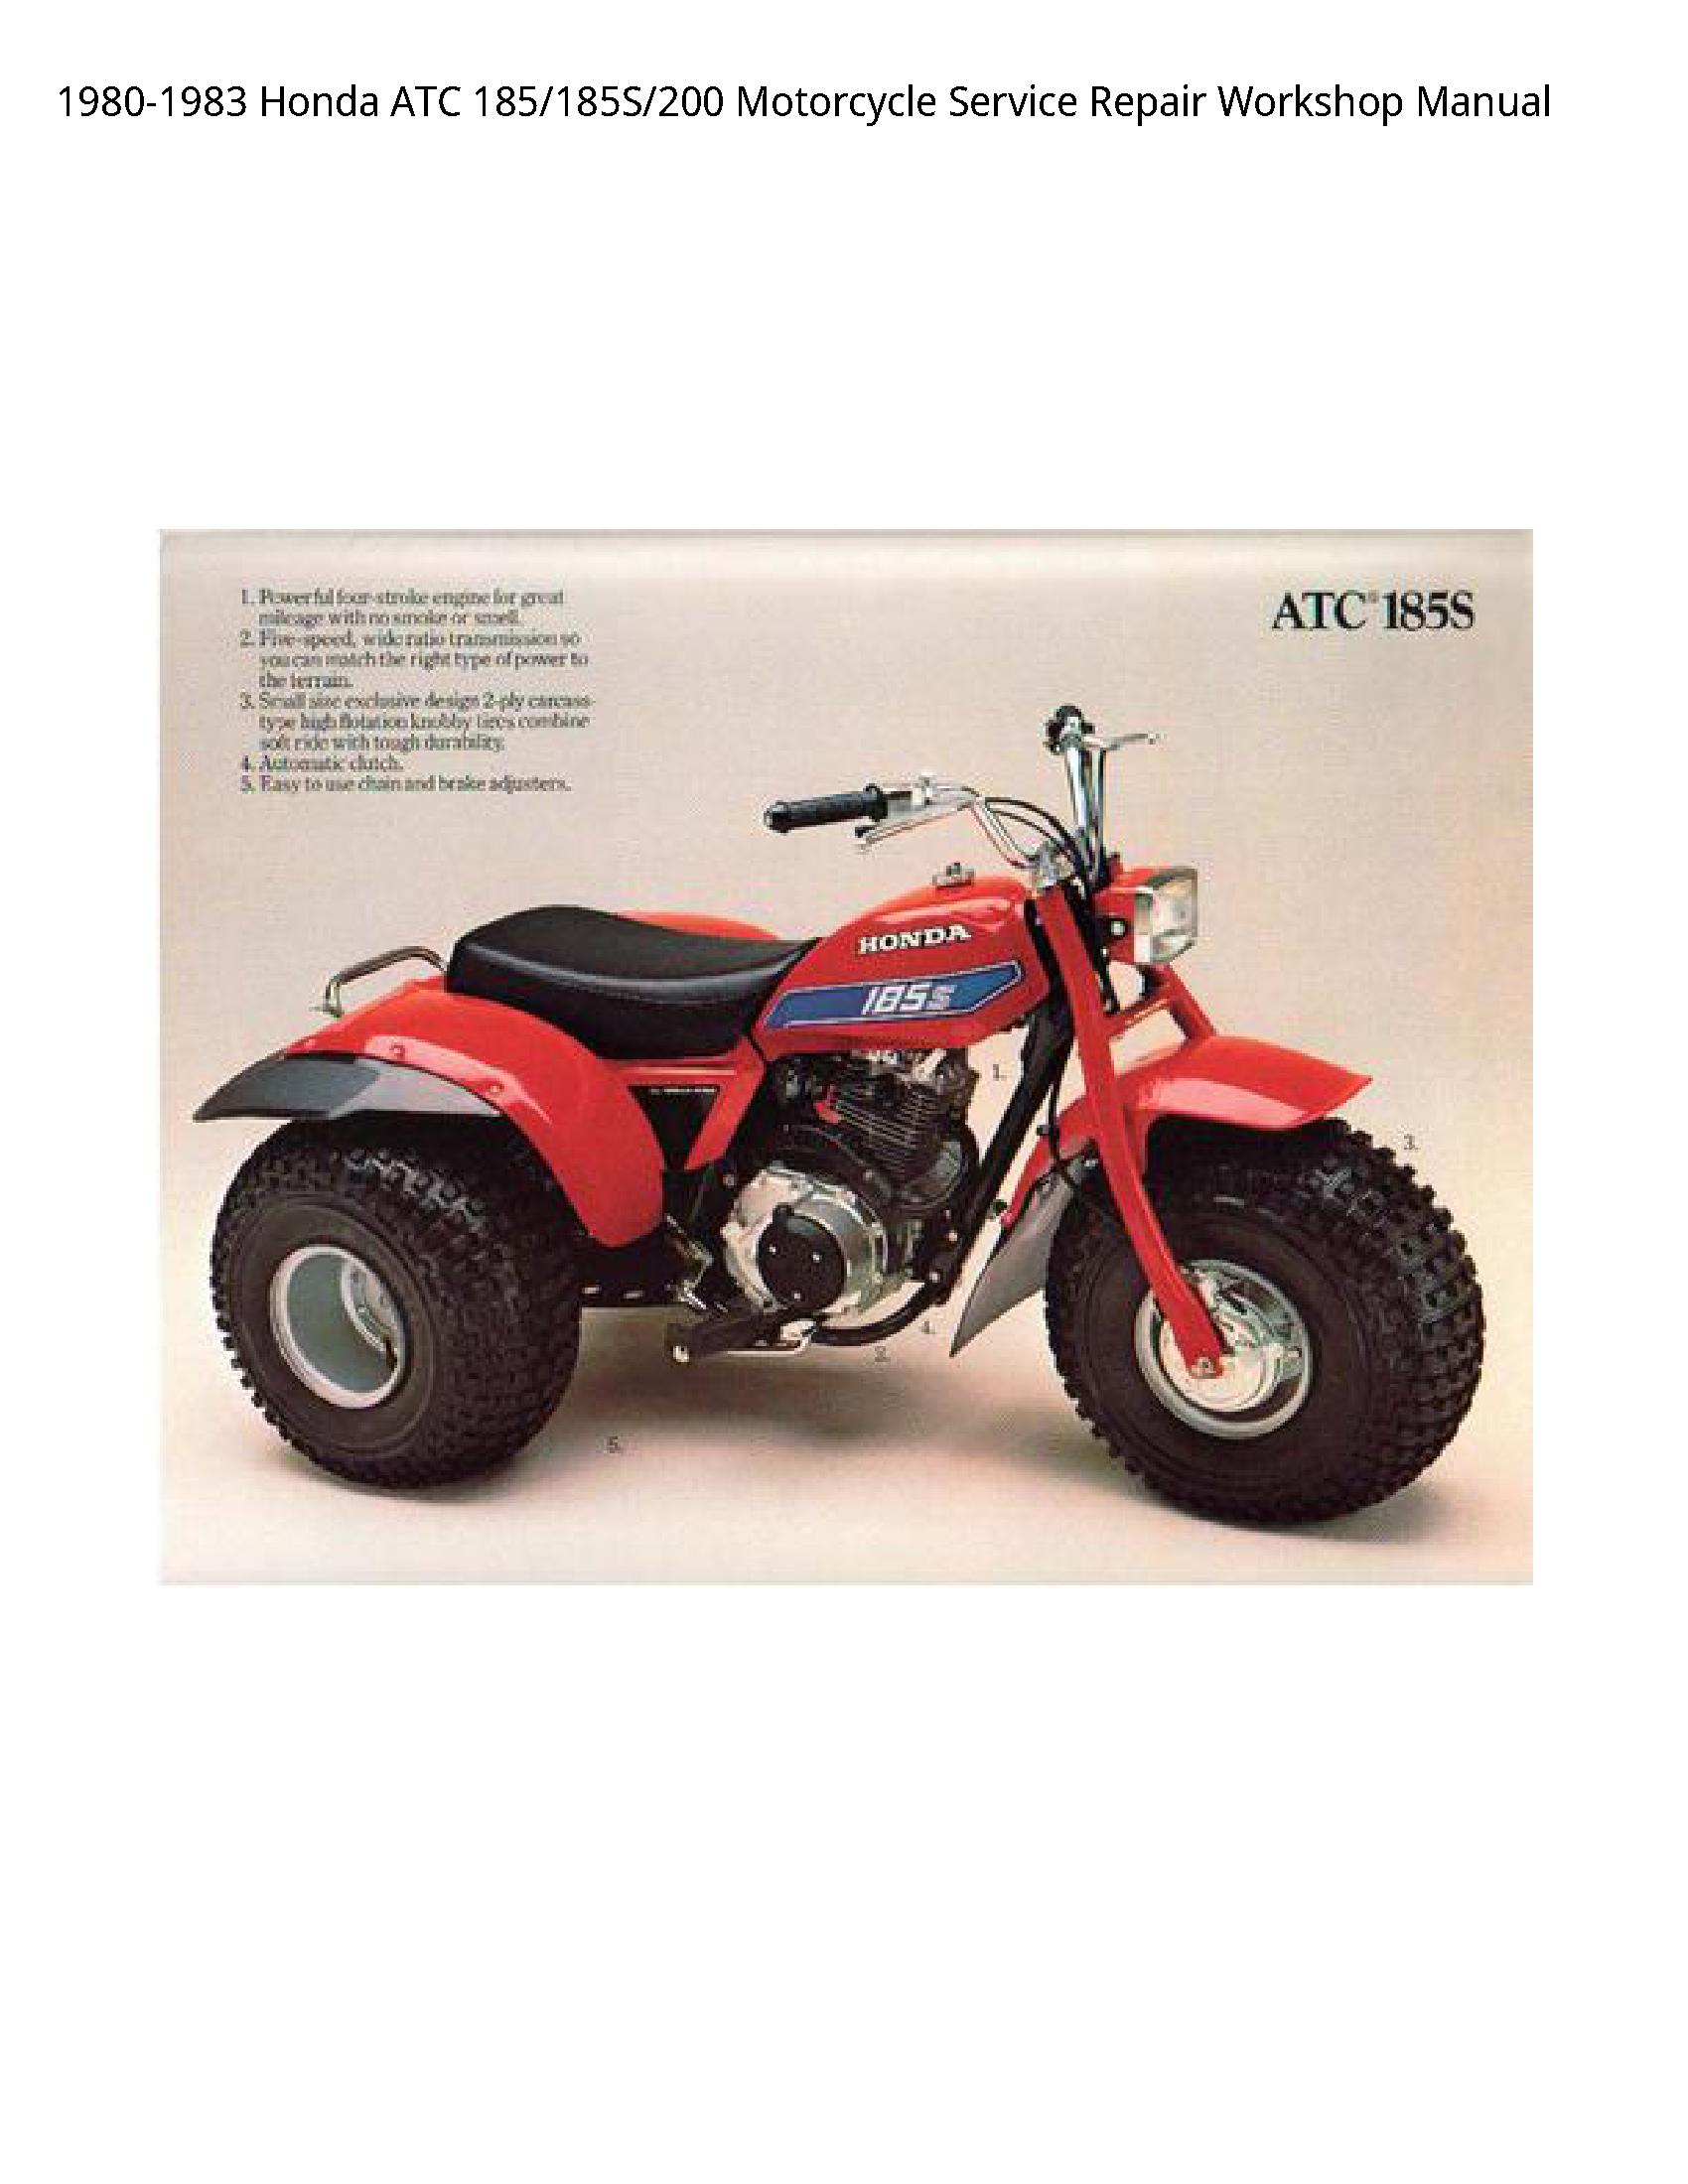 Honda 185 ATC Motorcycle manual